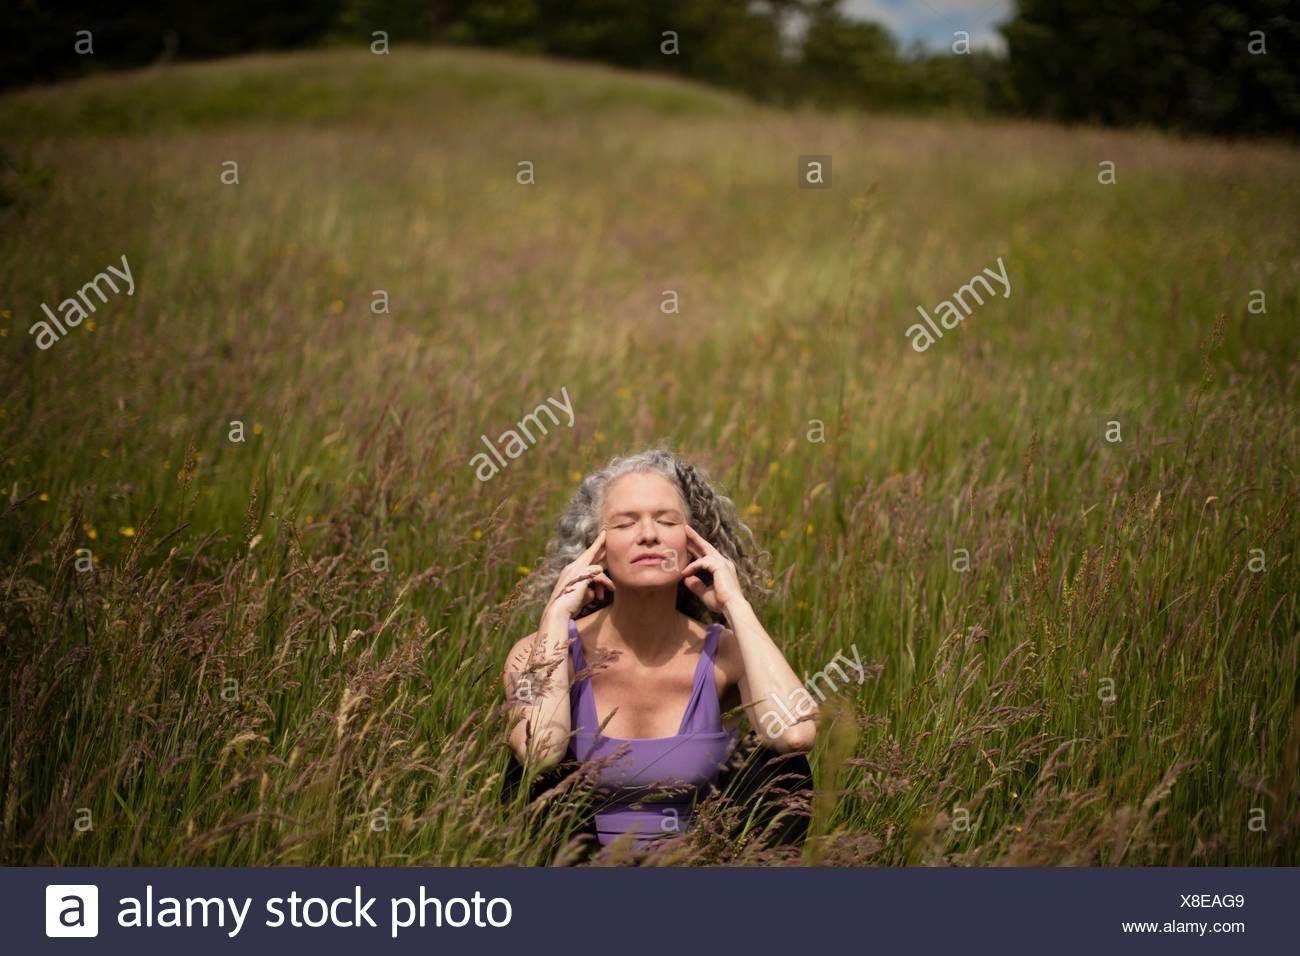 Donna matura con le dita sul suo templi seduto in erba lunga meditazione Immagini Stock